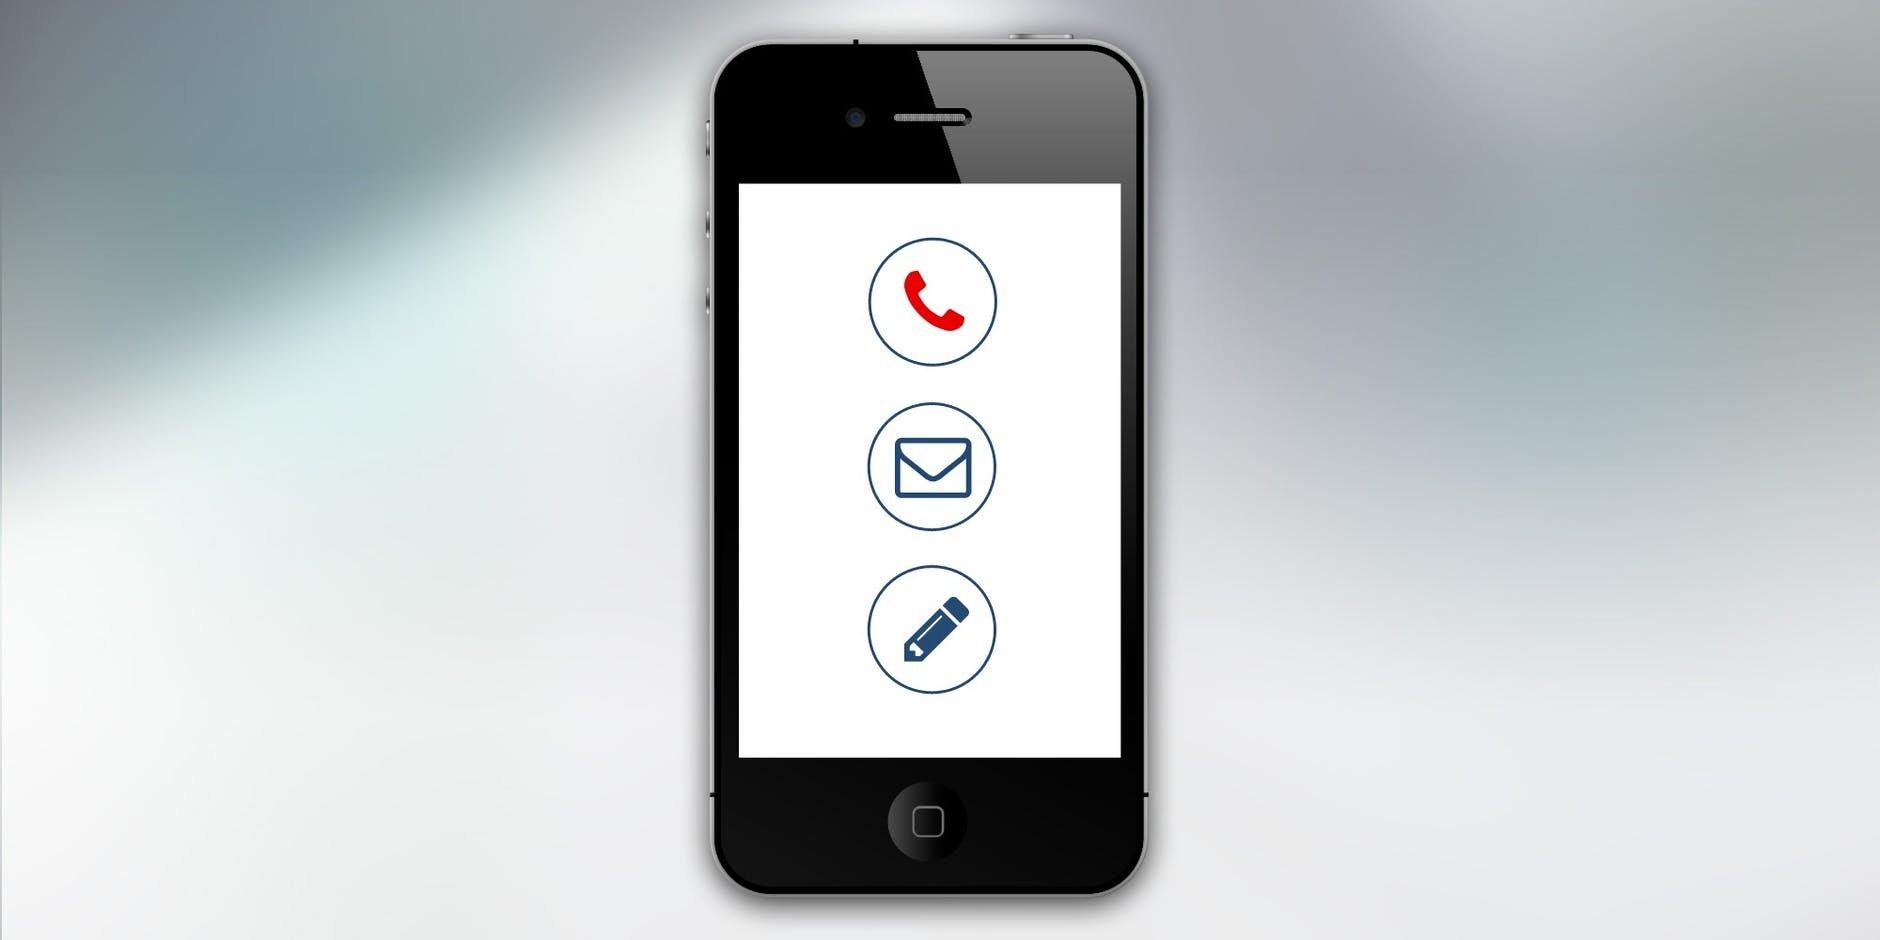 Жителей Подмосковья предупредили о новых схемах телефонного мошенничества